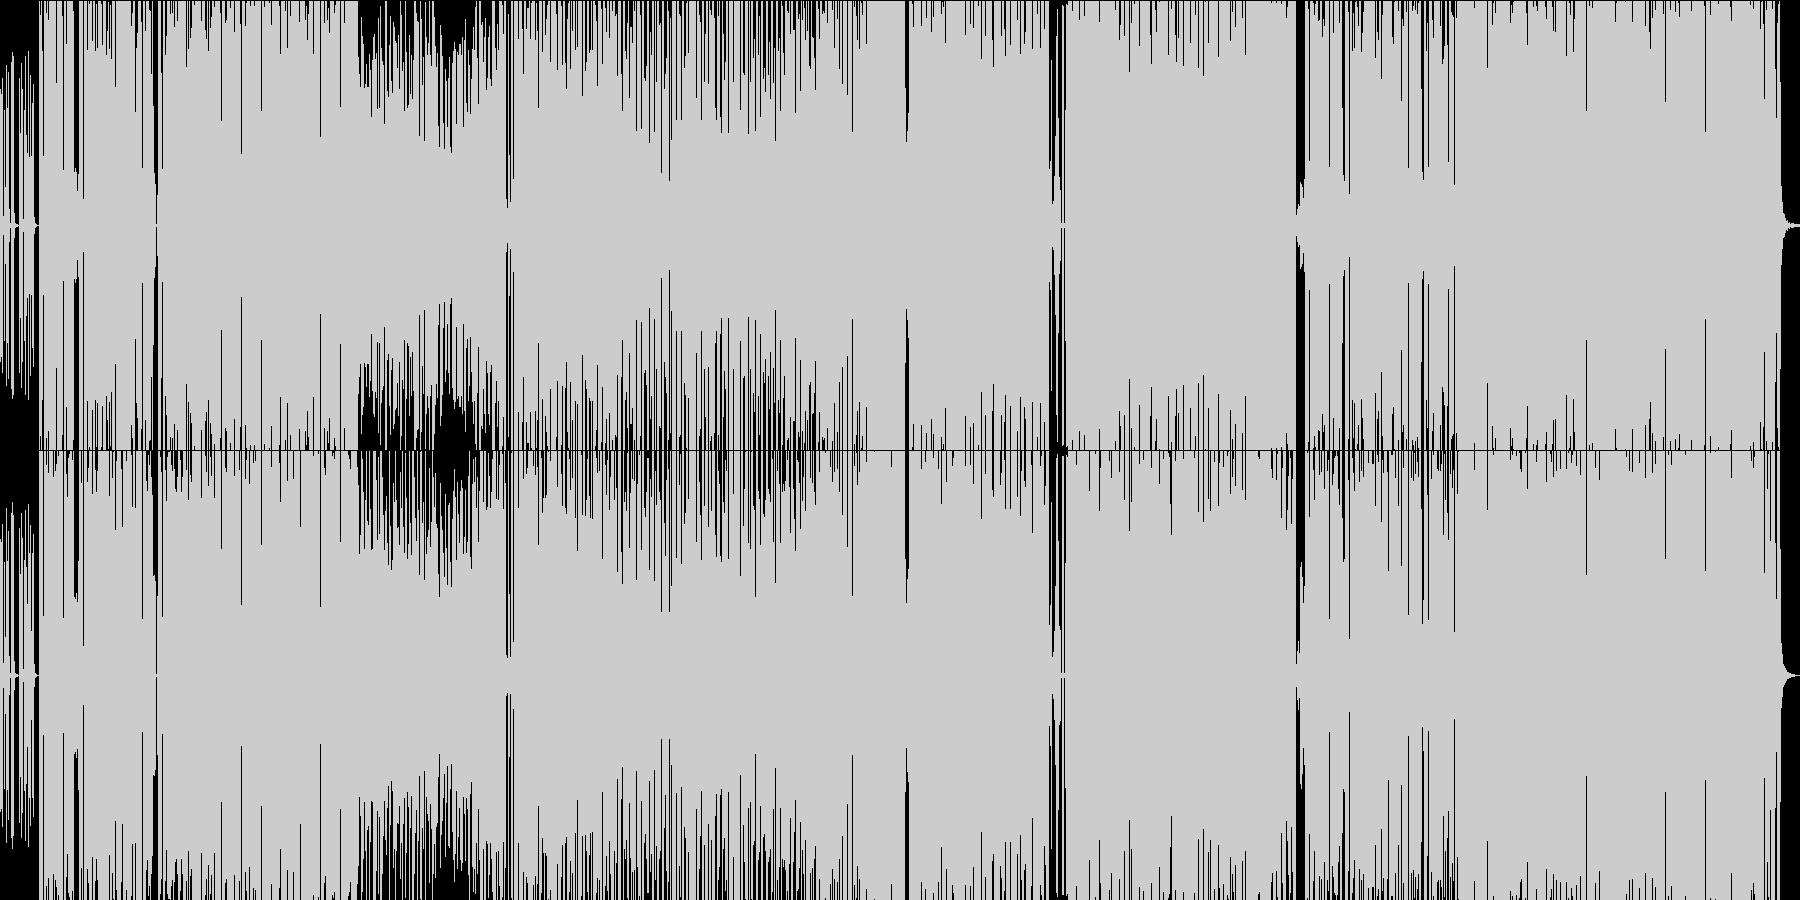 ハロウイン系ライトホラーなEDM曲の未再生の波形